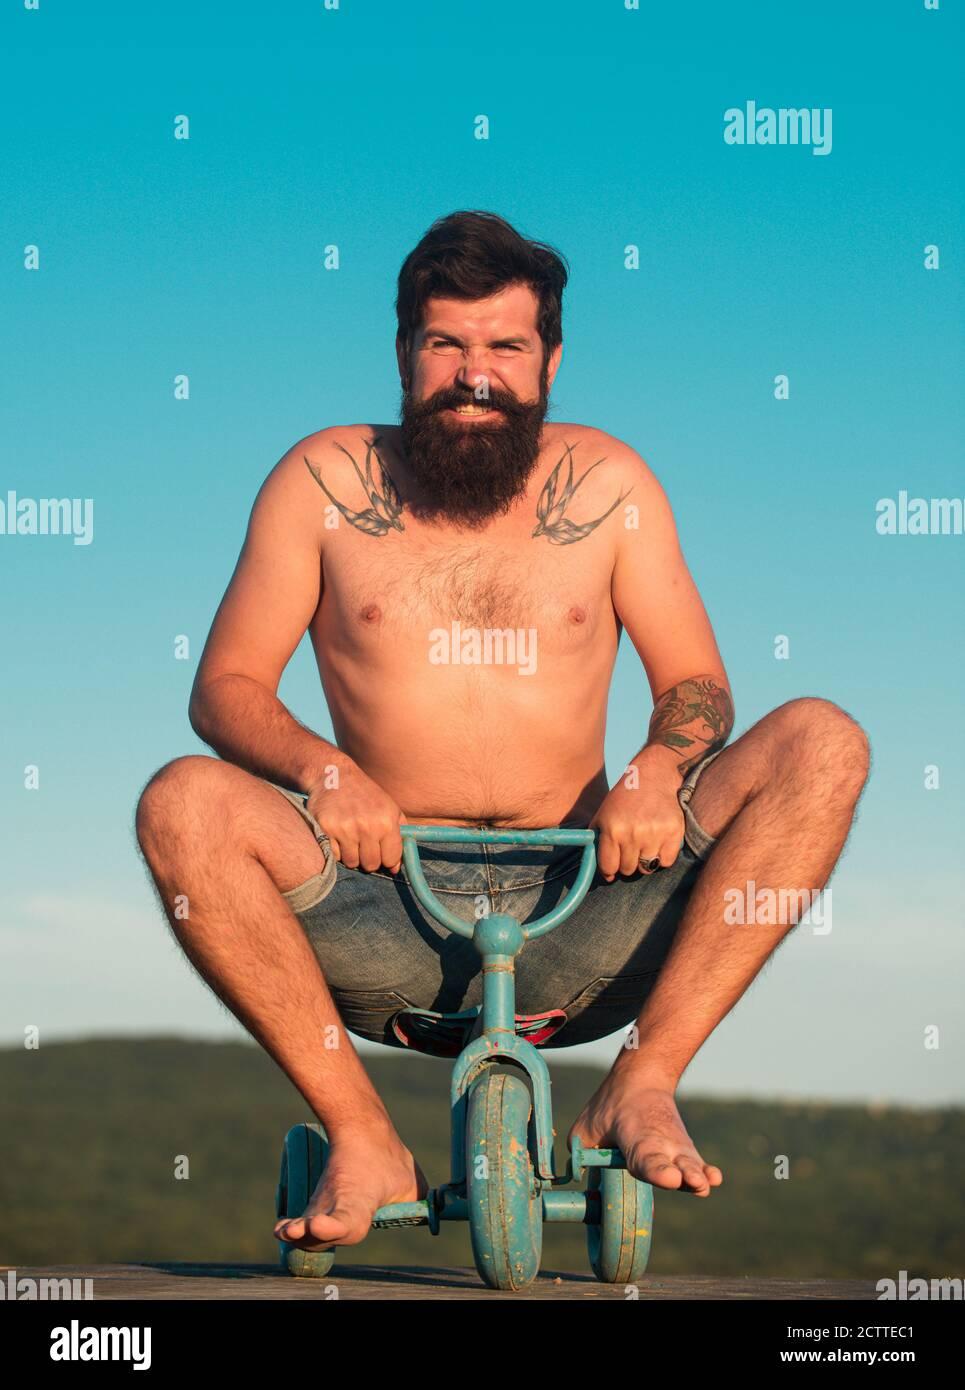 Ragazzo che cavalcano i bambini triciclo. Uomo divertente in bicicletta. Un pazzo emozionale su una moto per bambini. Foto Stock